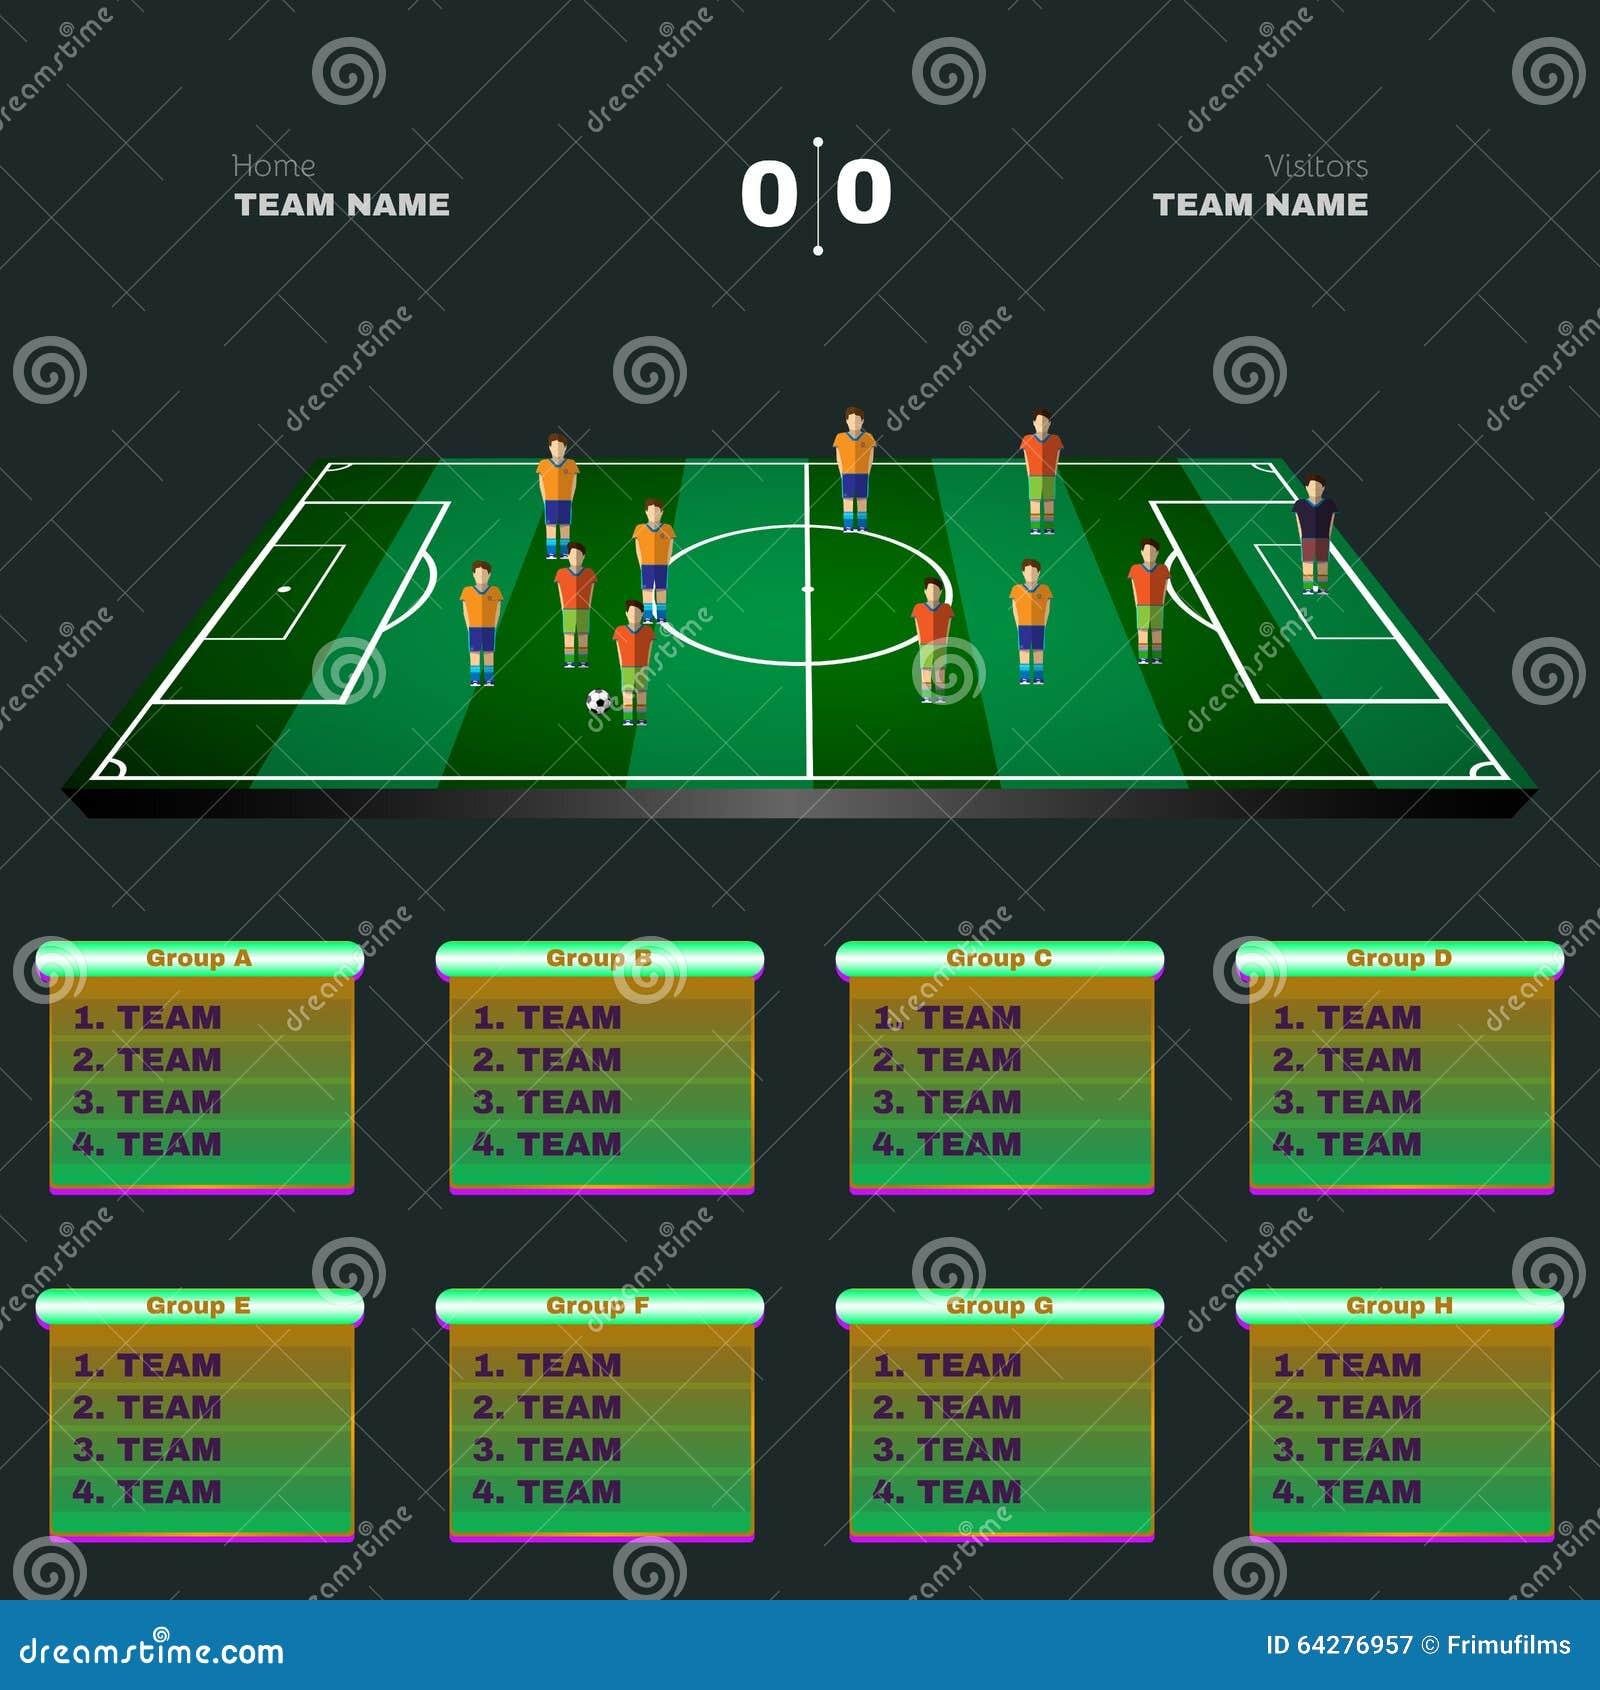 Fußball Spieler Positionen Auf Einem Playfield Vektor Abbildung